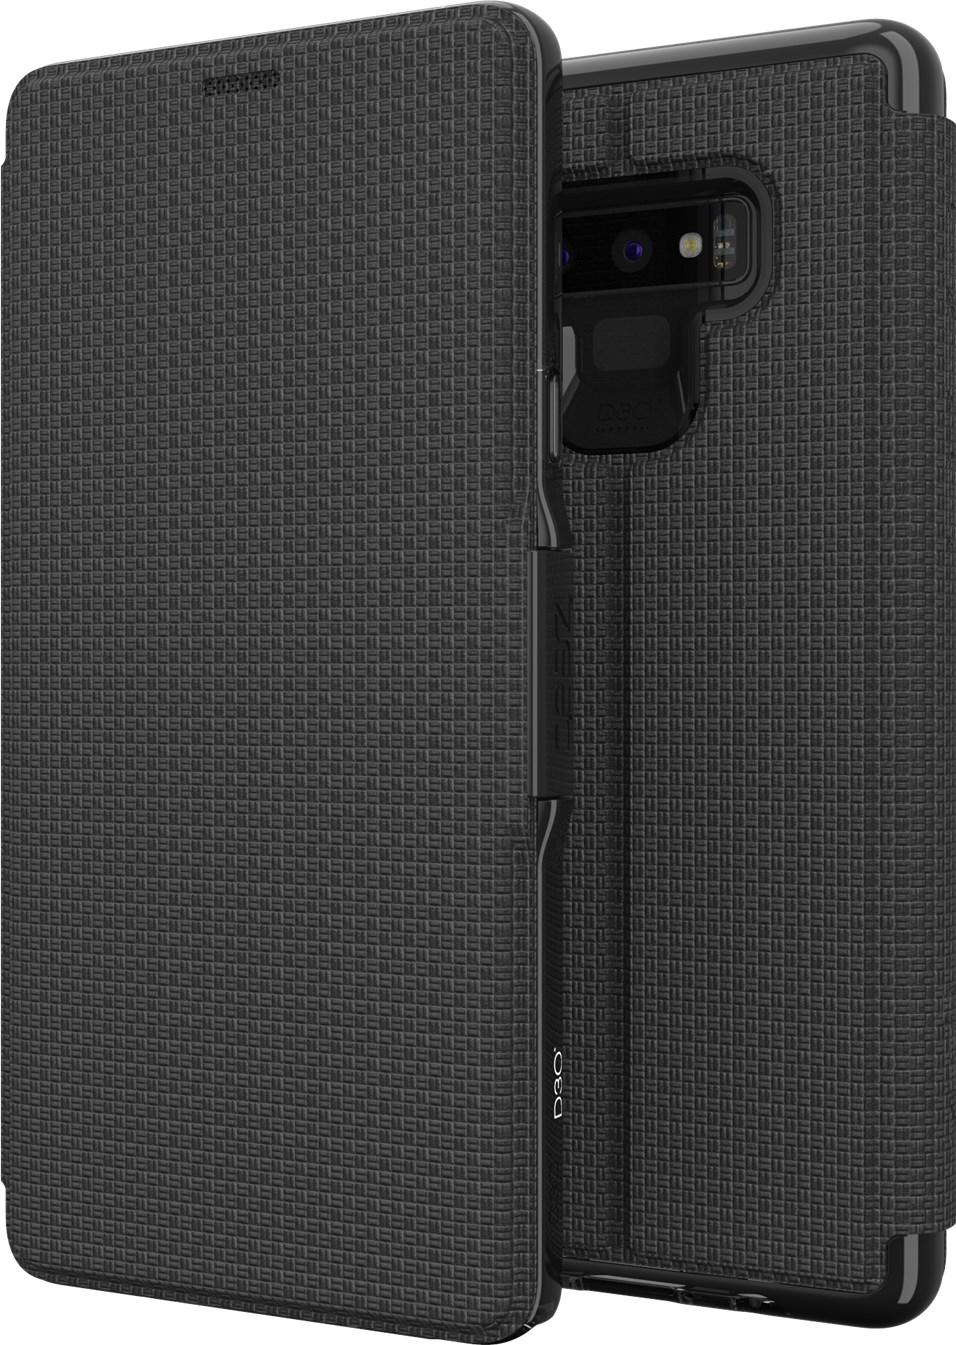 gear4 D3o Oxford Samsung Galaxy Note 9 Black